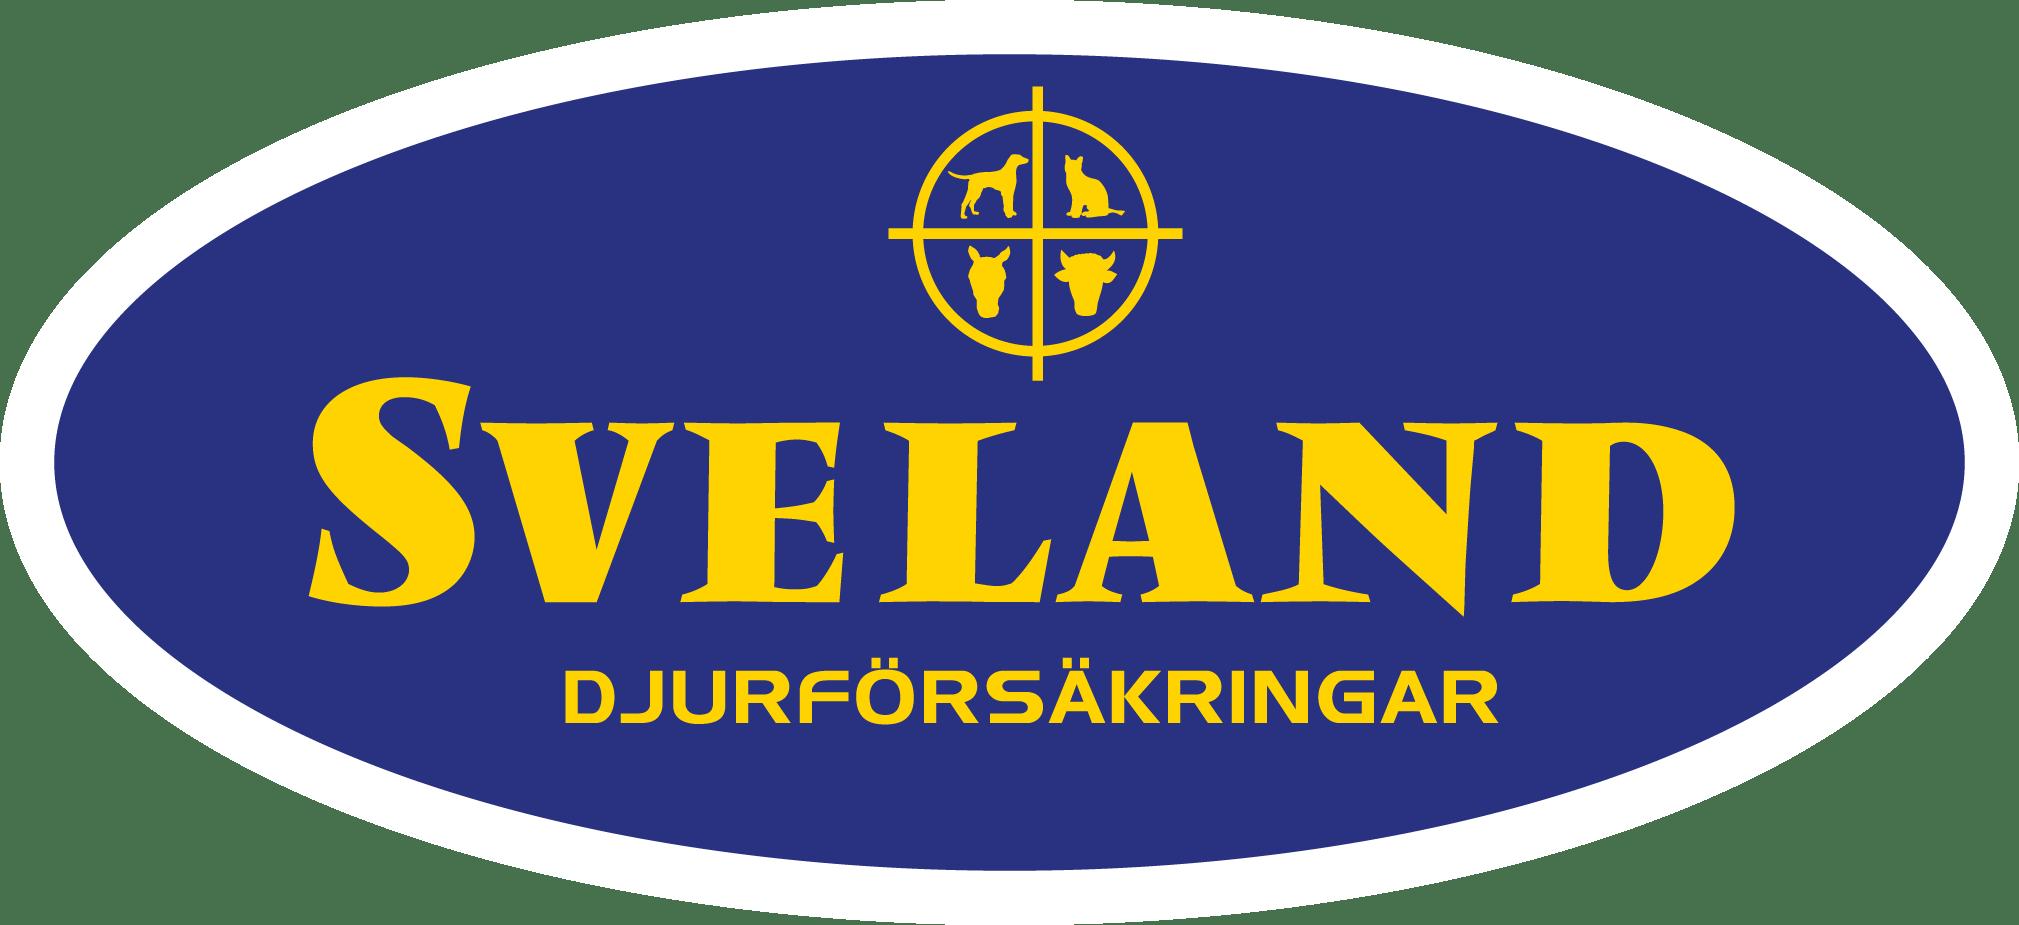 2018 sveland djurförsäkringar logga original